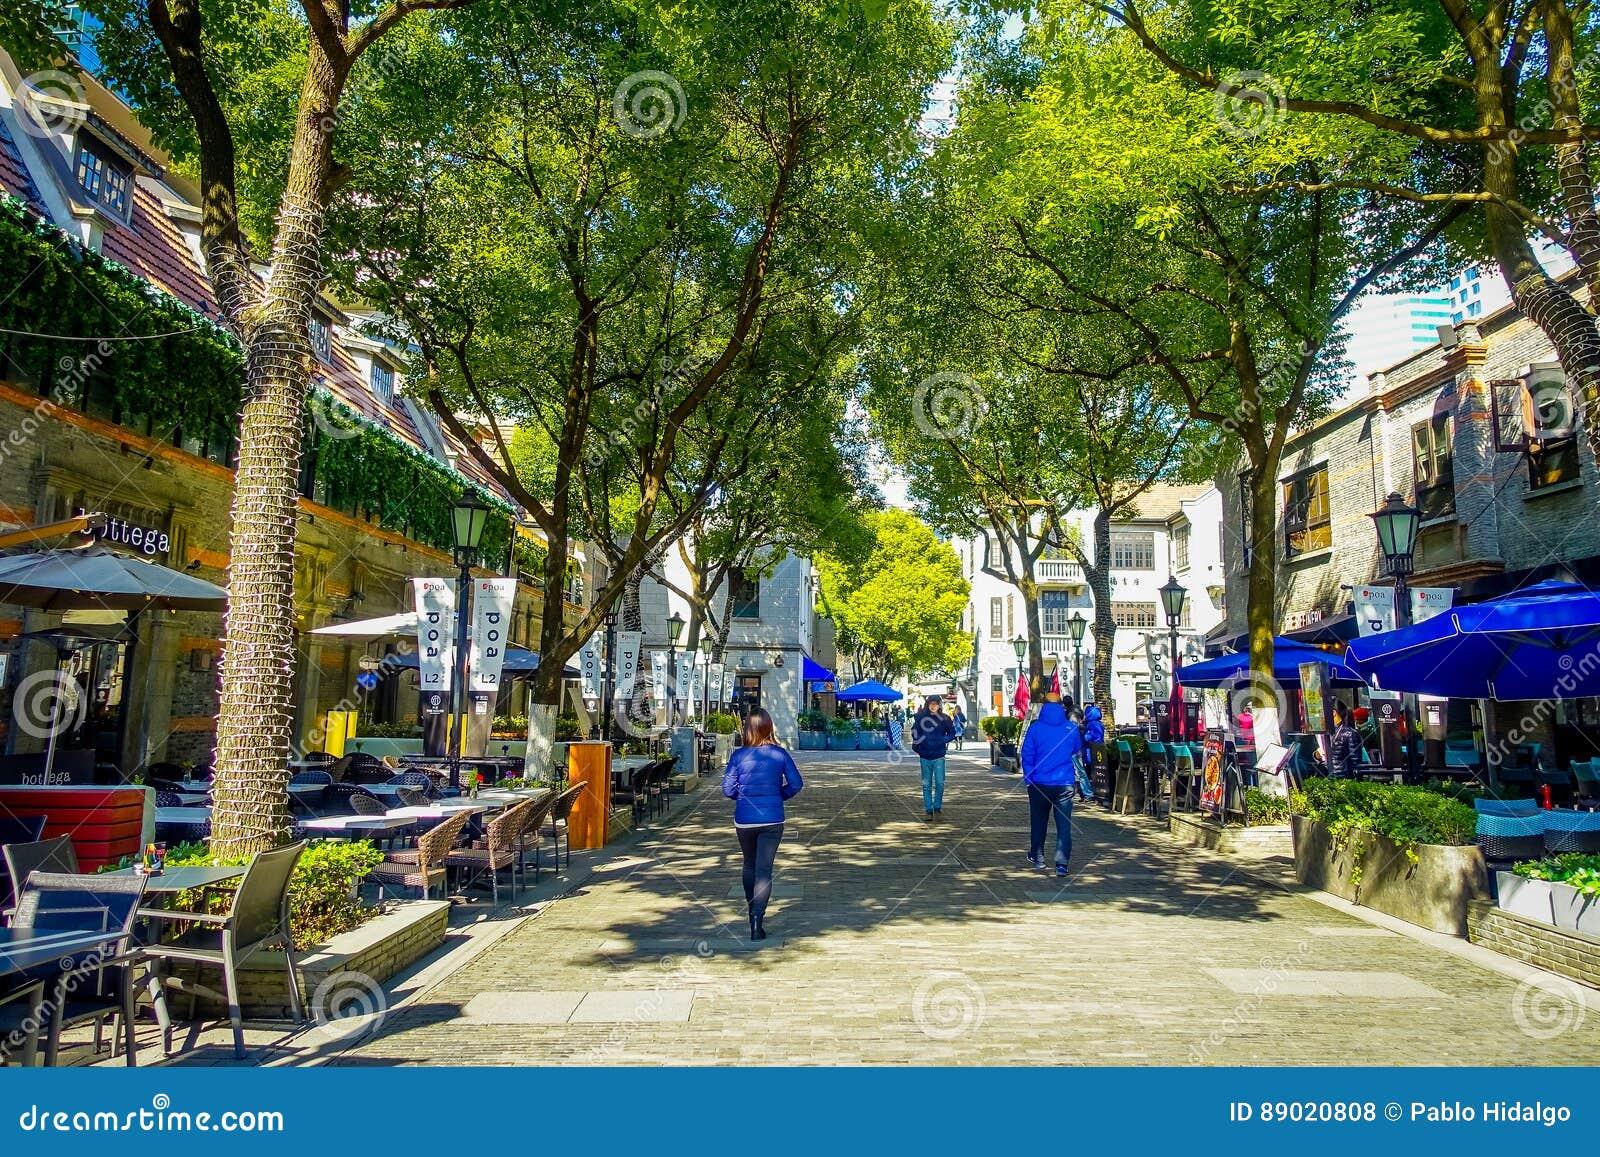 ΣΑΓΚΆΗ, ΚΙΝΑ - 29 ΙΑΝΟΥΑΡΊΟΥ 2017: Περπατώντας γύρω από τη γαλλική περιοχή παραχώρησης της Σαγκάη, δημοφιλής προορισμός για